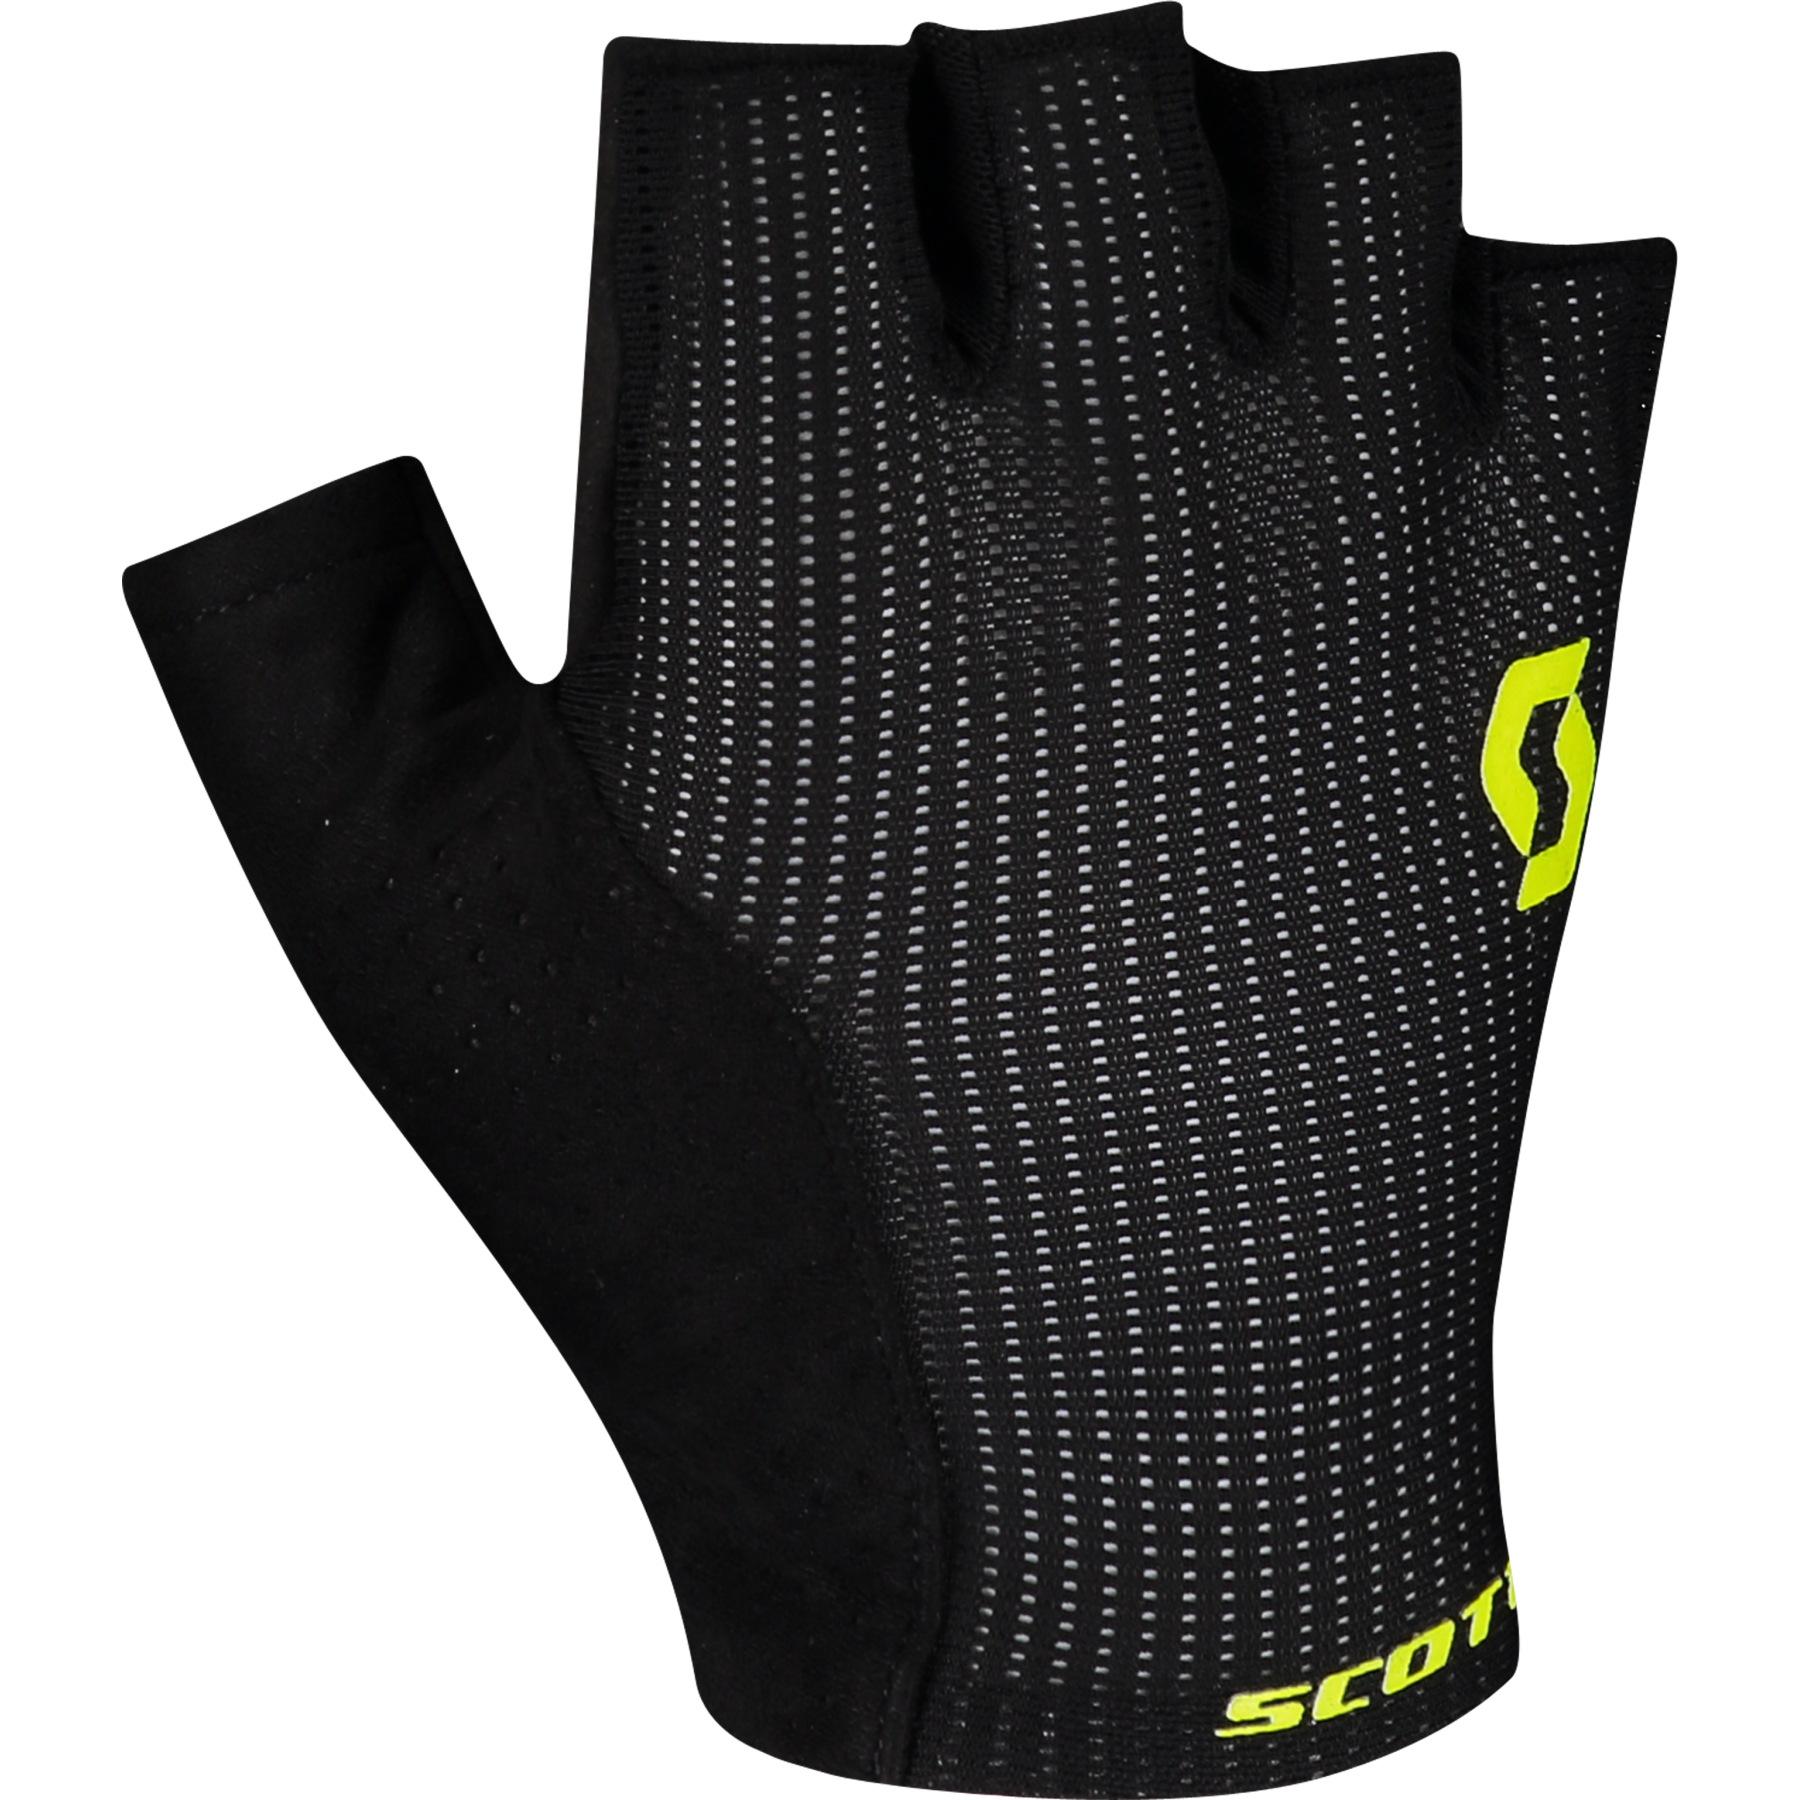 Foto de SCOTT Essential Gel SF Guantes de ciclismo - black/sulphur yellow